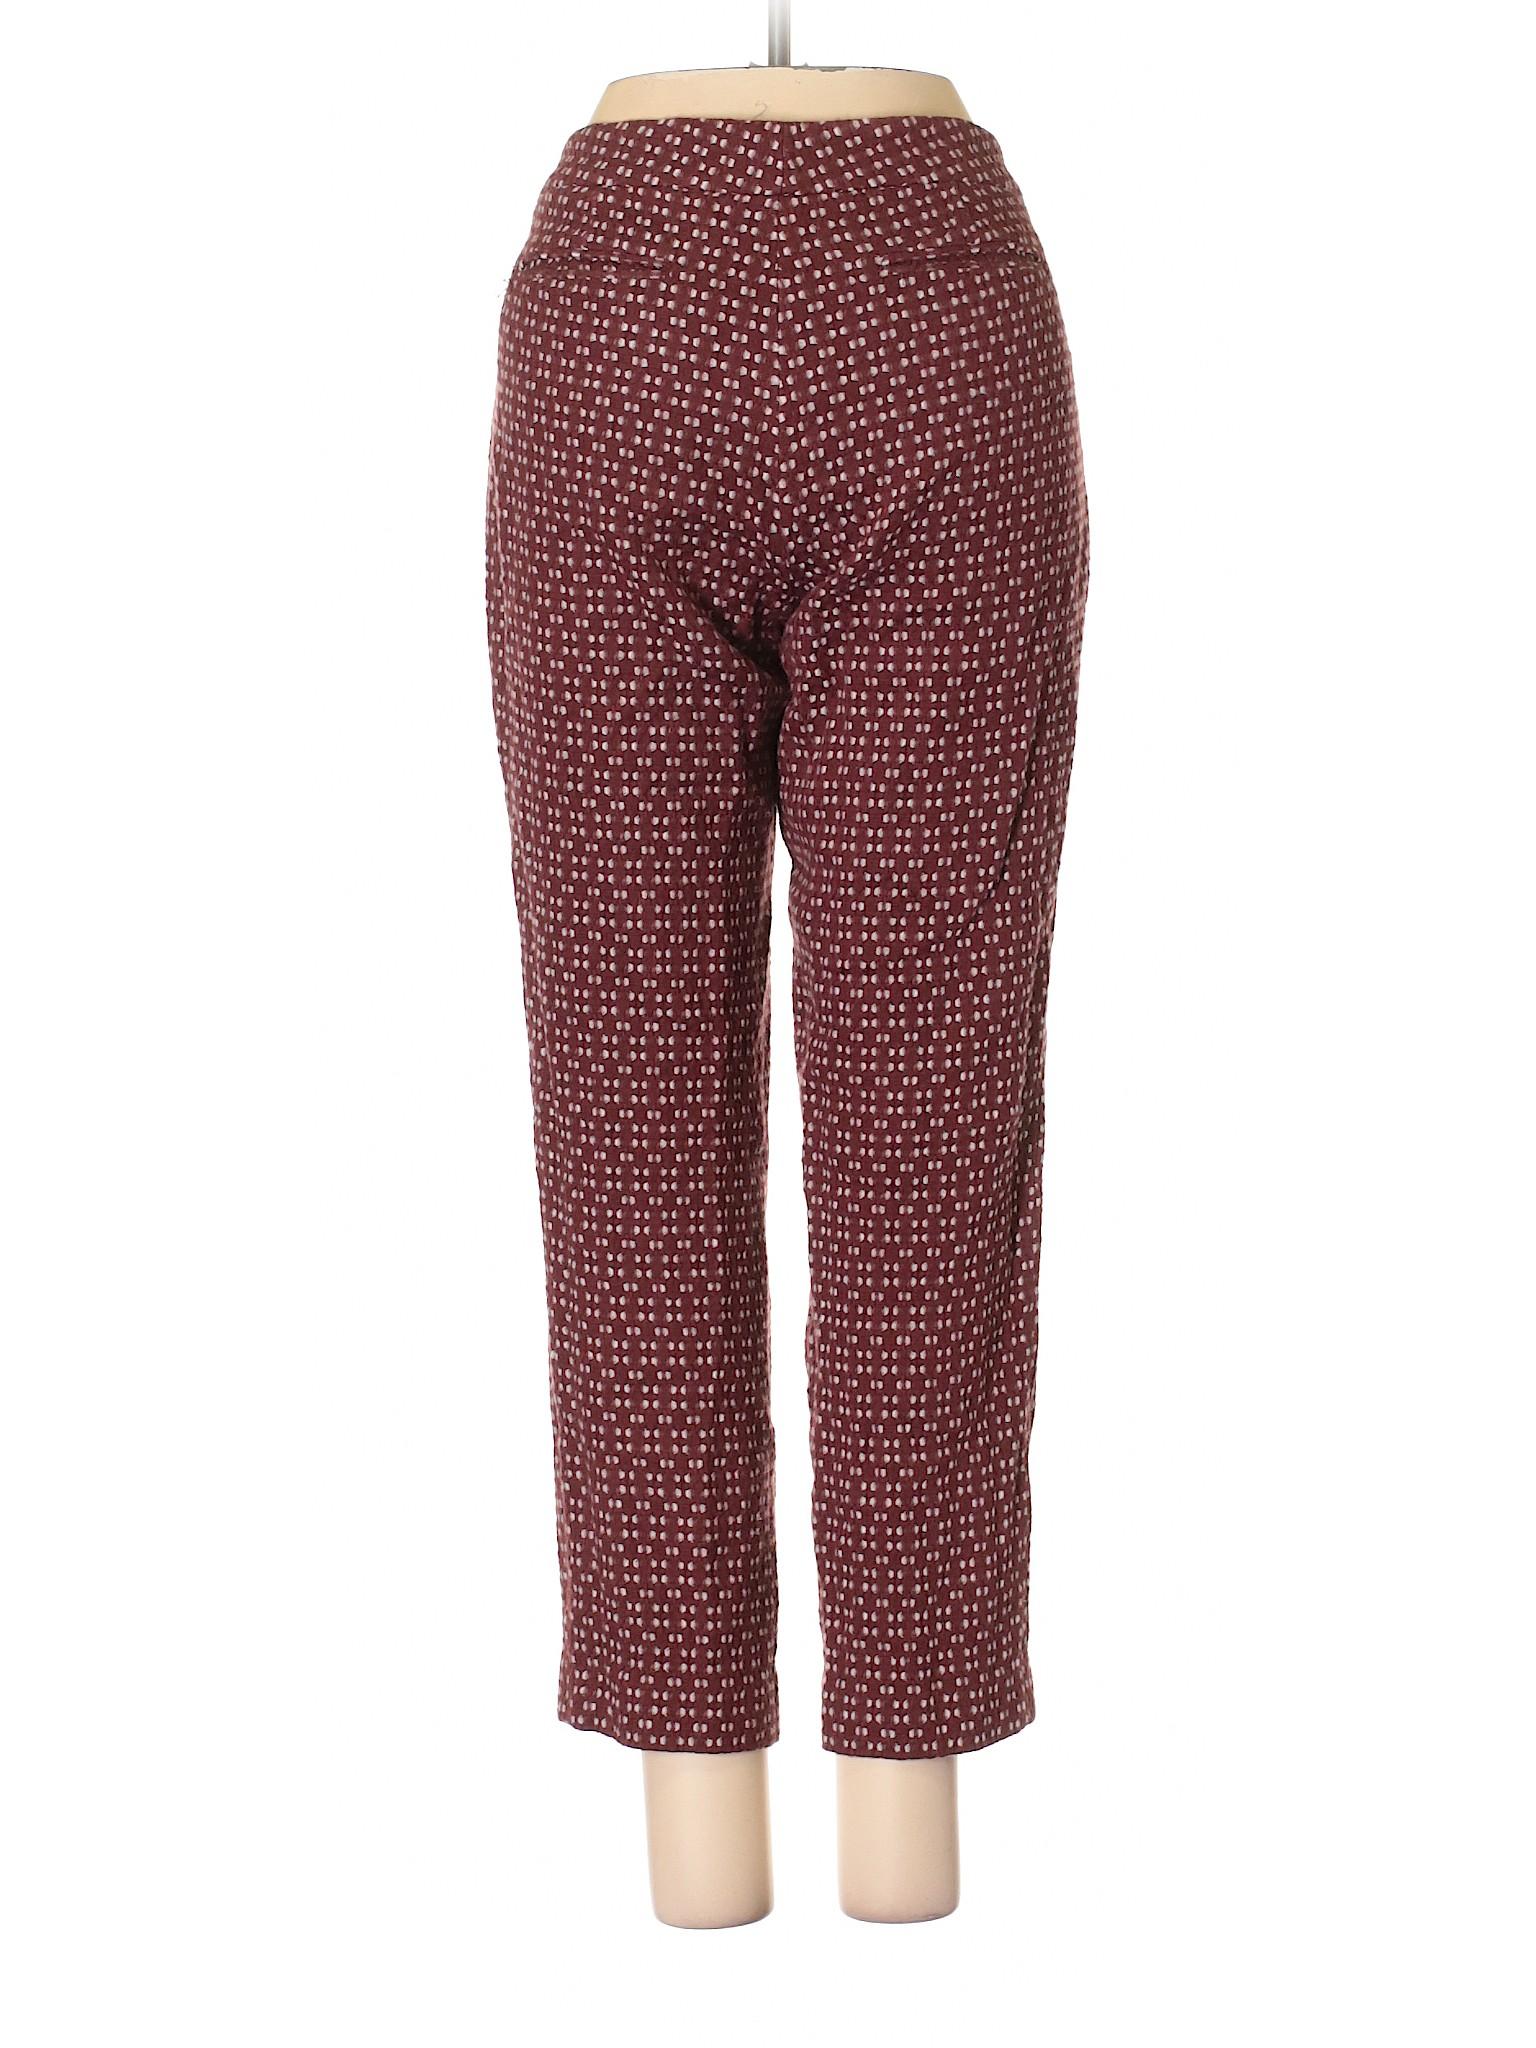 Pants Boutique Dress Klein Winter Anne fwCxqS67